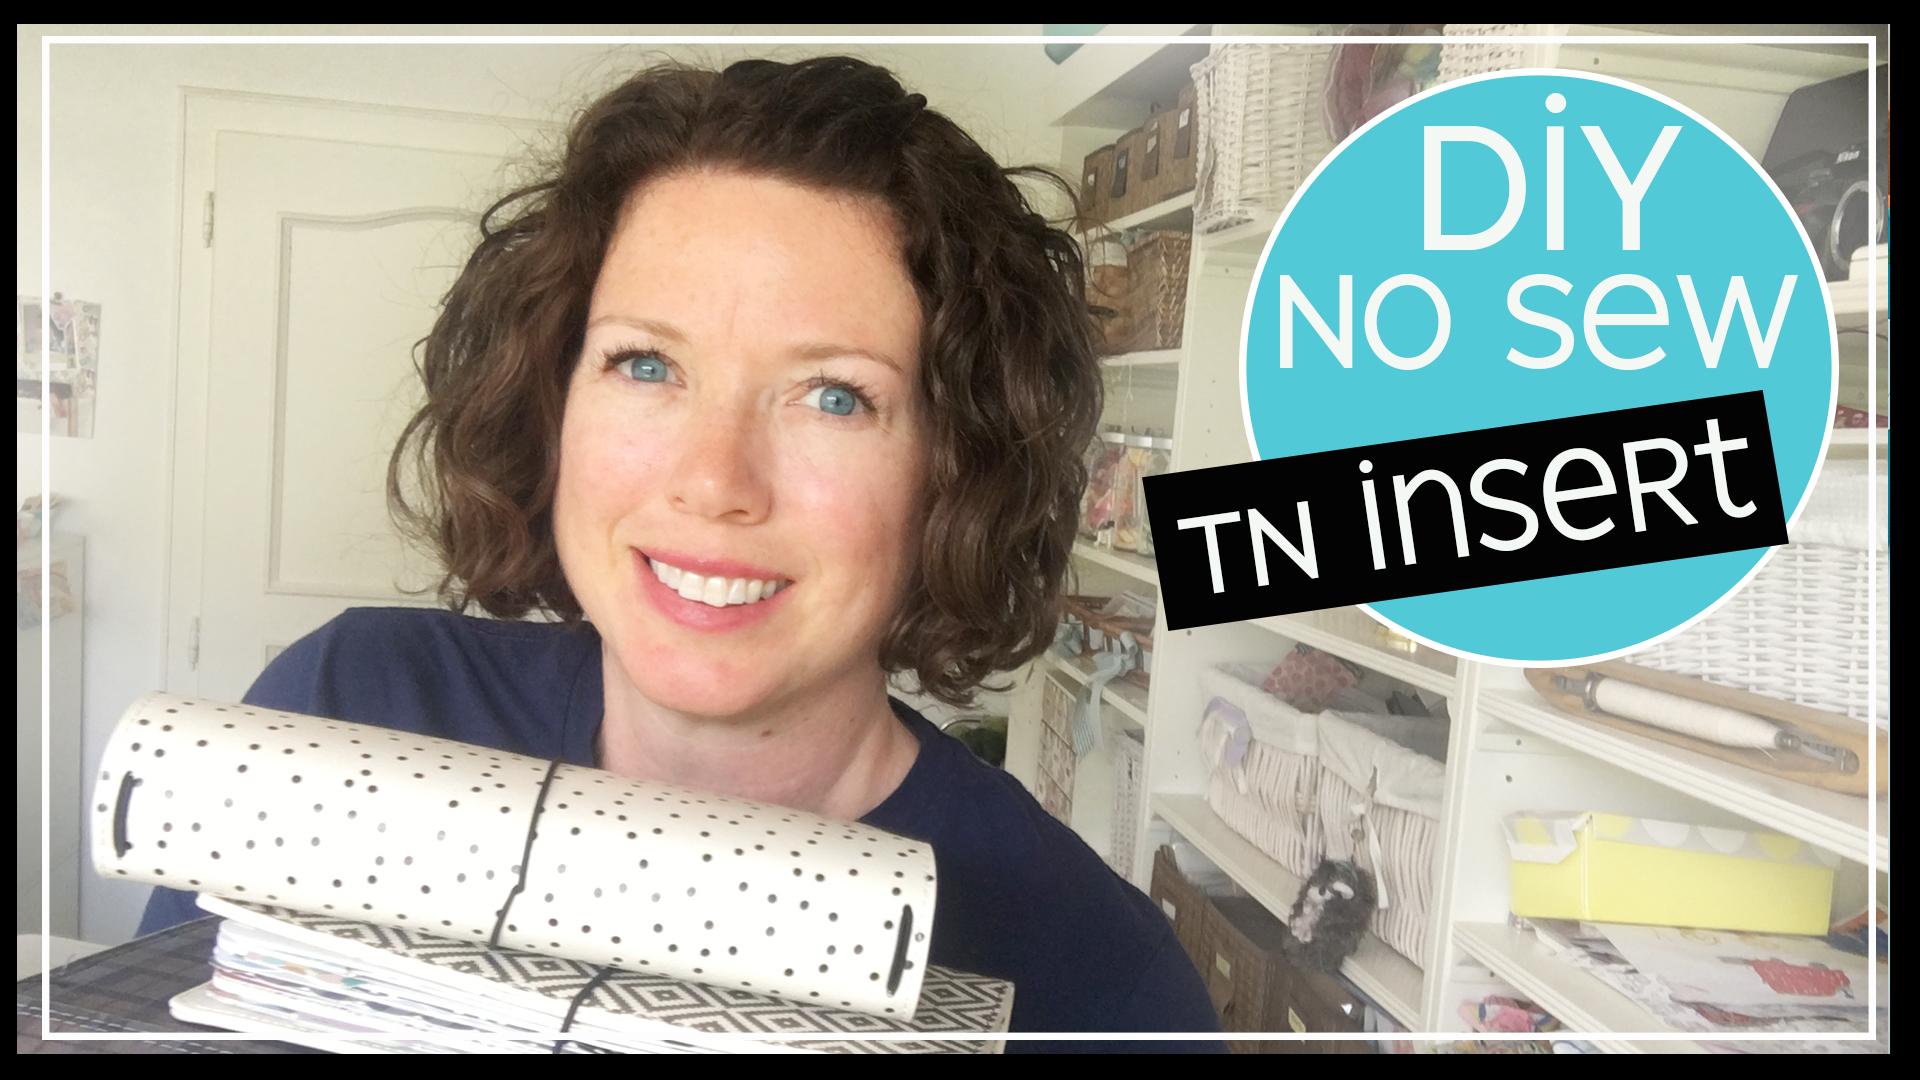 no-sew-TN-inserts-Thumnail.jpg